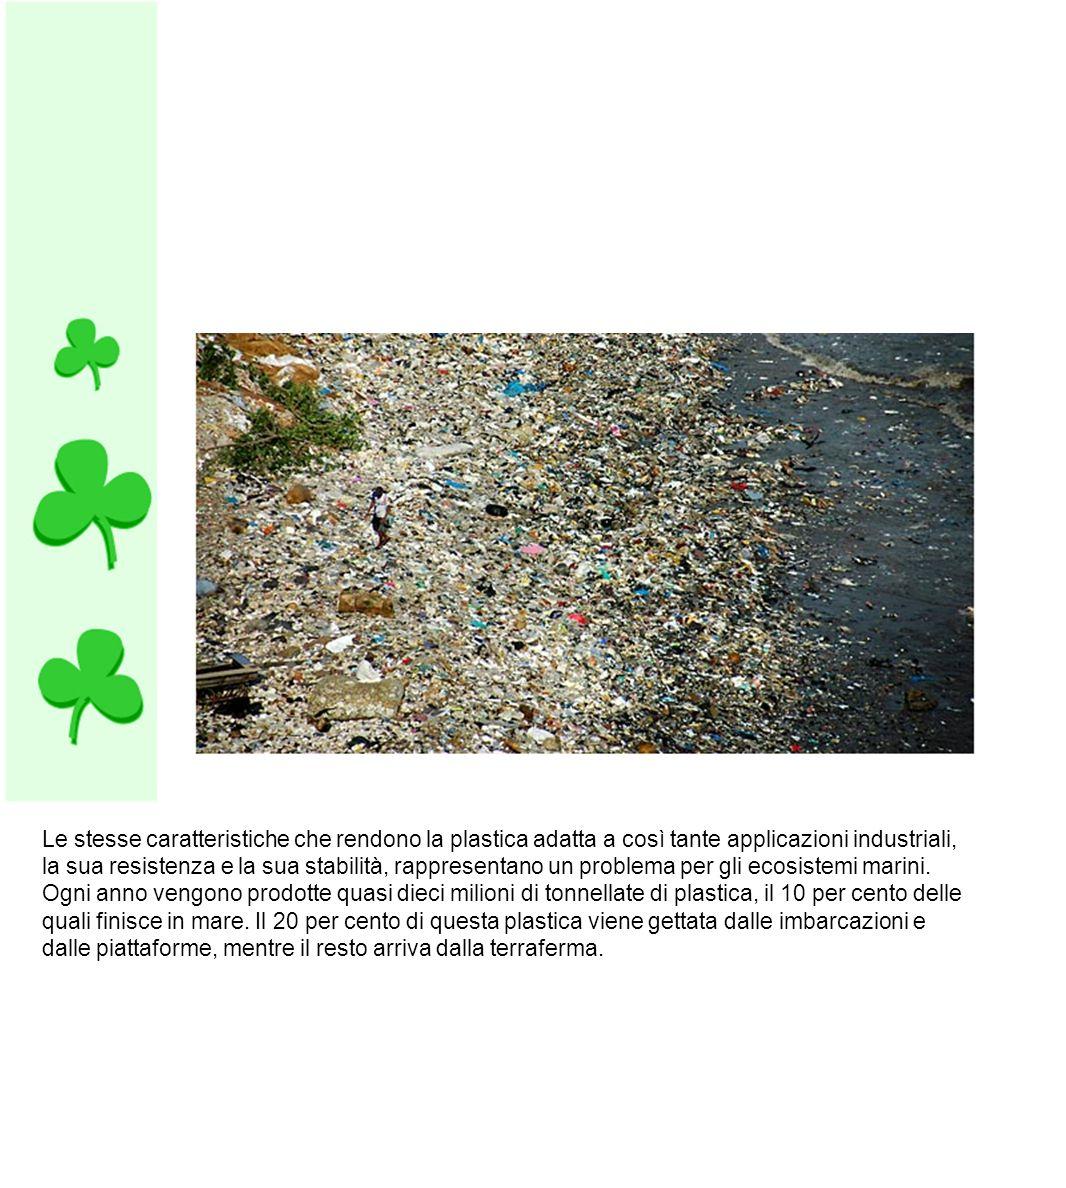 Circa 4/5 del rifiuto in mare arriva da terra sospinto dal vento o trascinato da scarichi d acqua e fiumi.